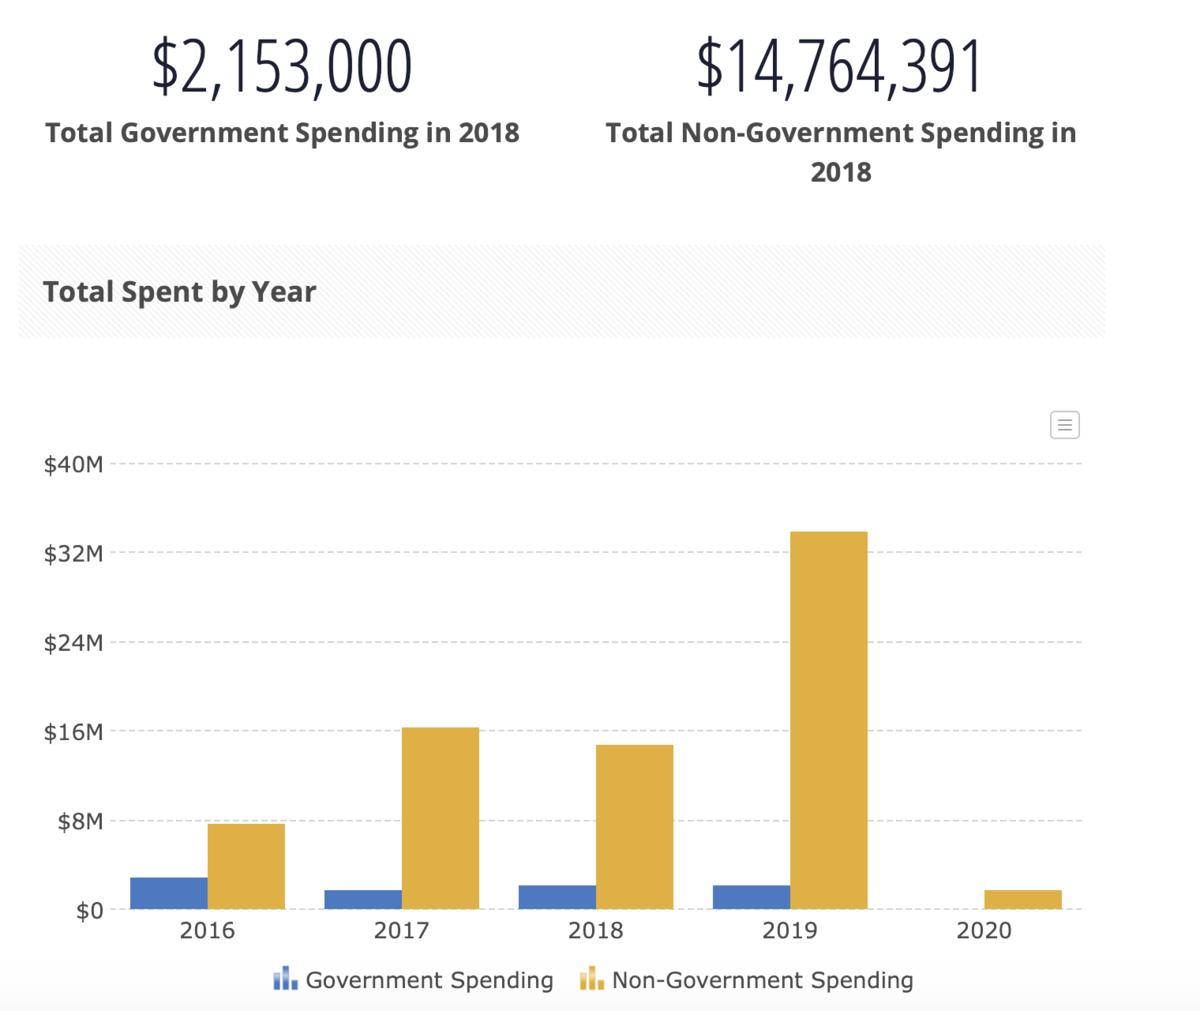 「響應政治中心」匯總2016年以來註冊中國代理人的花錢數據,非政府花費(黃色)比政府花費(藍色)要高許多倍。(響應政治中心網站截圖)